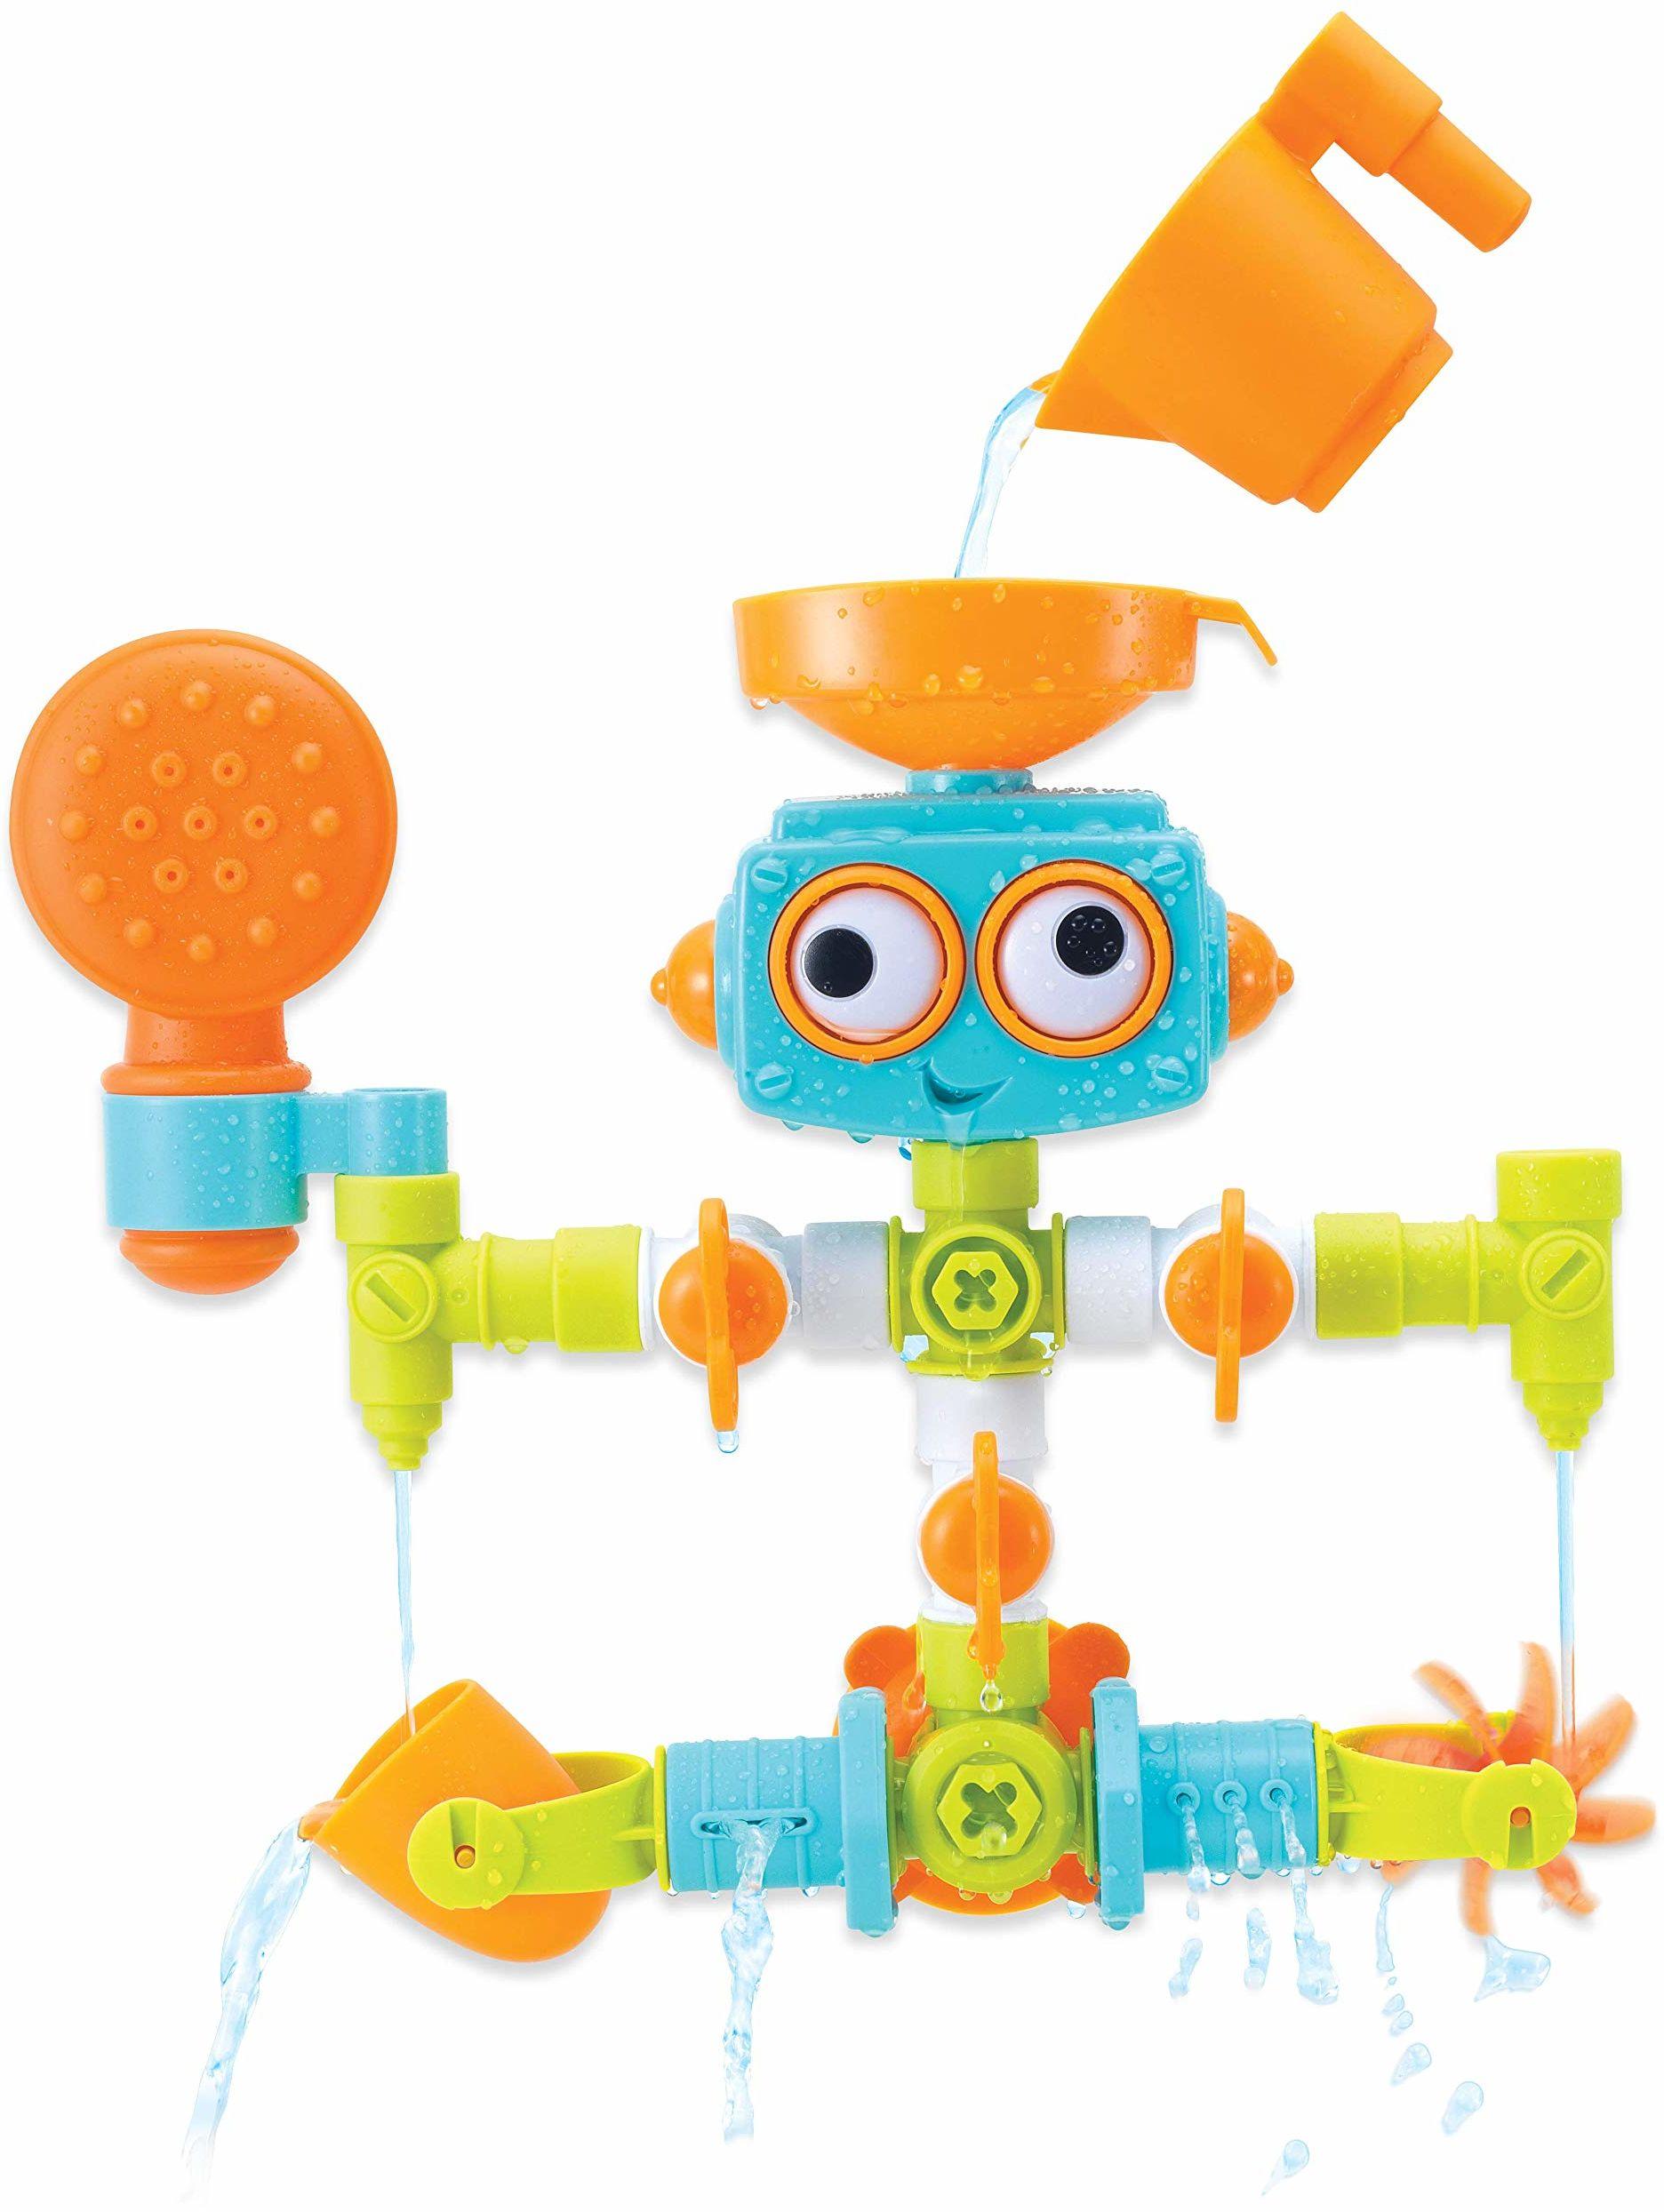 Sensory Plug & Play zestaw hydraulików  robot do wanny dla dzieci od 10 miesięcy  z 16 różnymi częściami do montażu  wielokolorowy